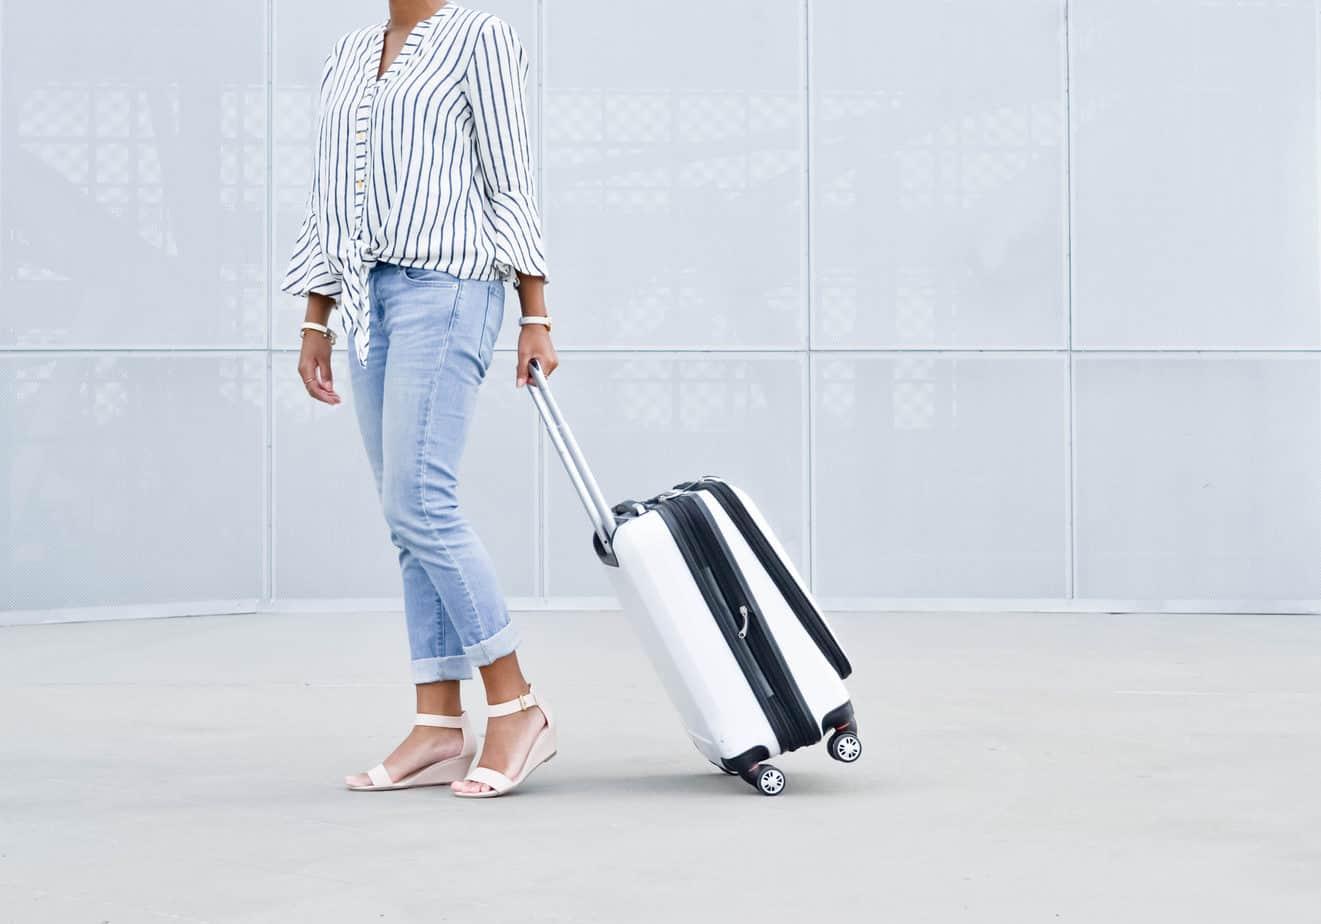 Minimalist Travel: 15 Simple Minimalist Packing Tips